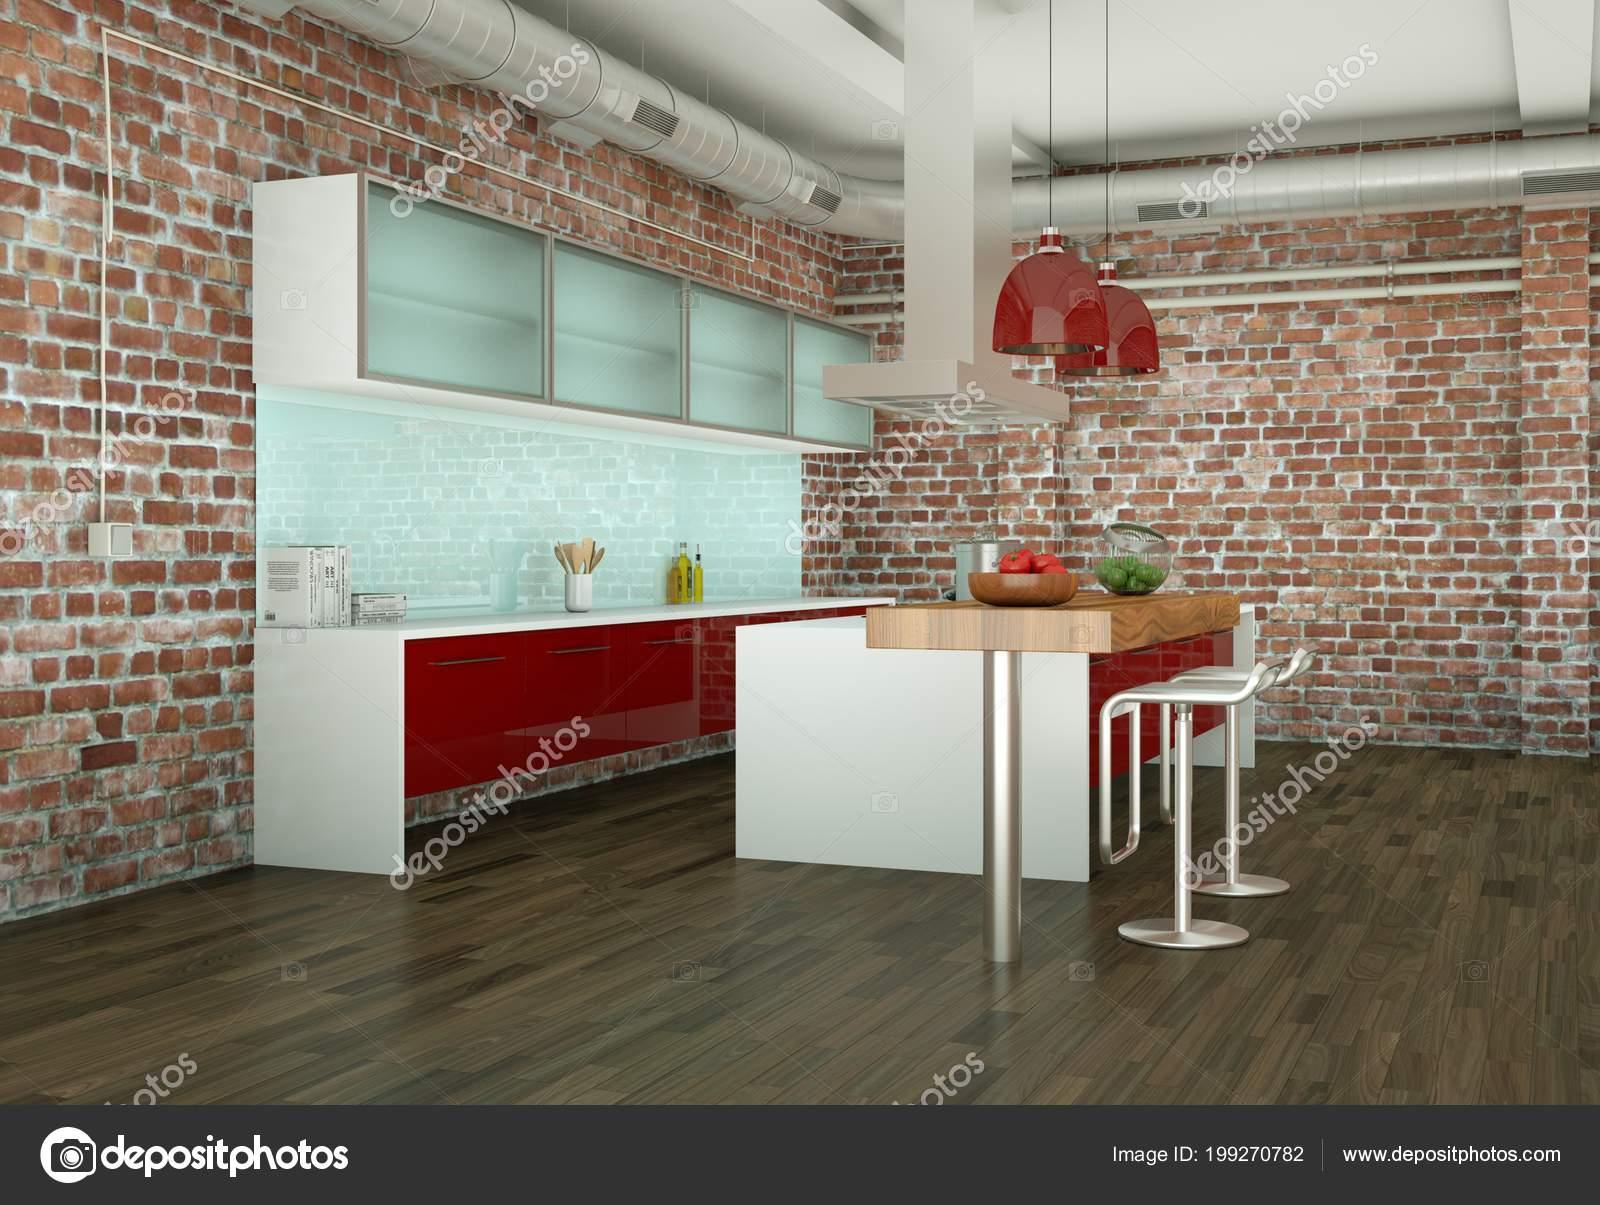 Cucina rossa moderna in una stanza con muro in pietra — Foto Stock ...